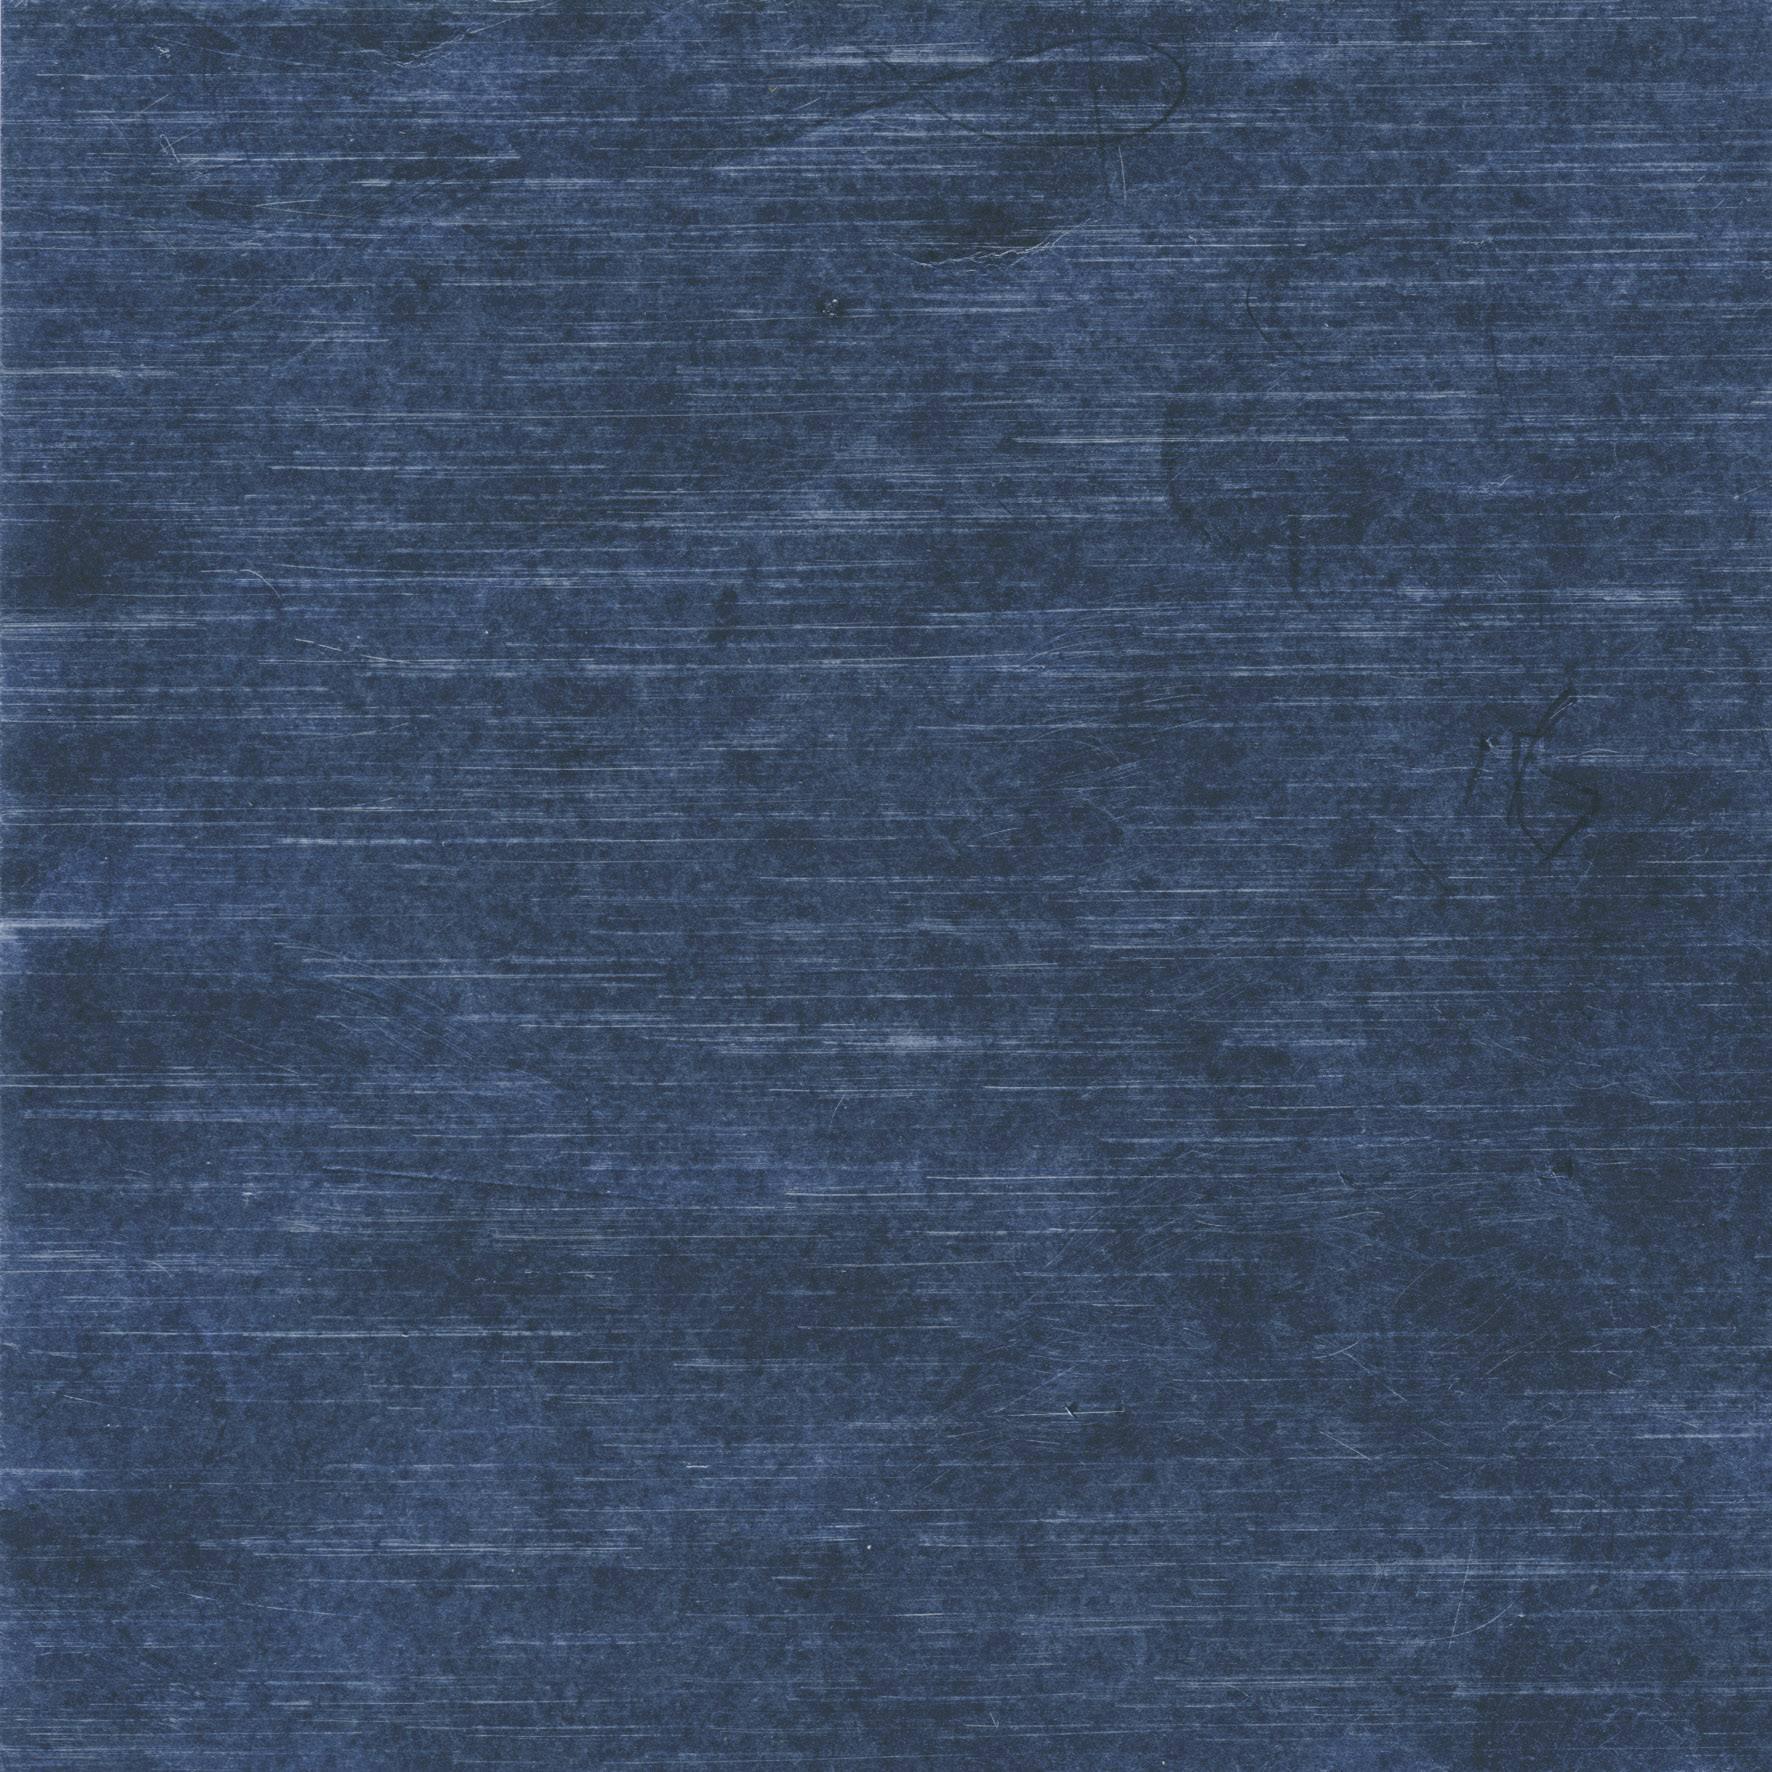 Teplovodivá fólia Kerafol KERATHERM GRAFIT 90/10, 0.2 mm, 5.5 W/mK, (d x š) 190 mm x 190 mm